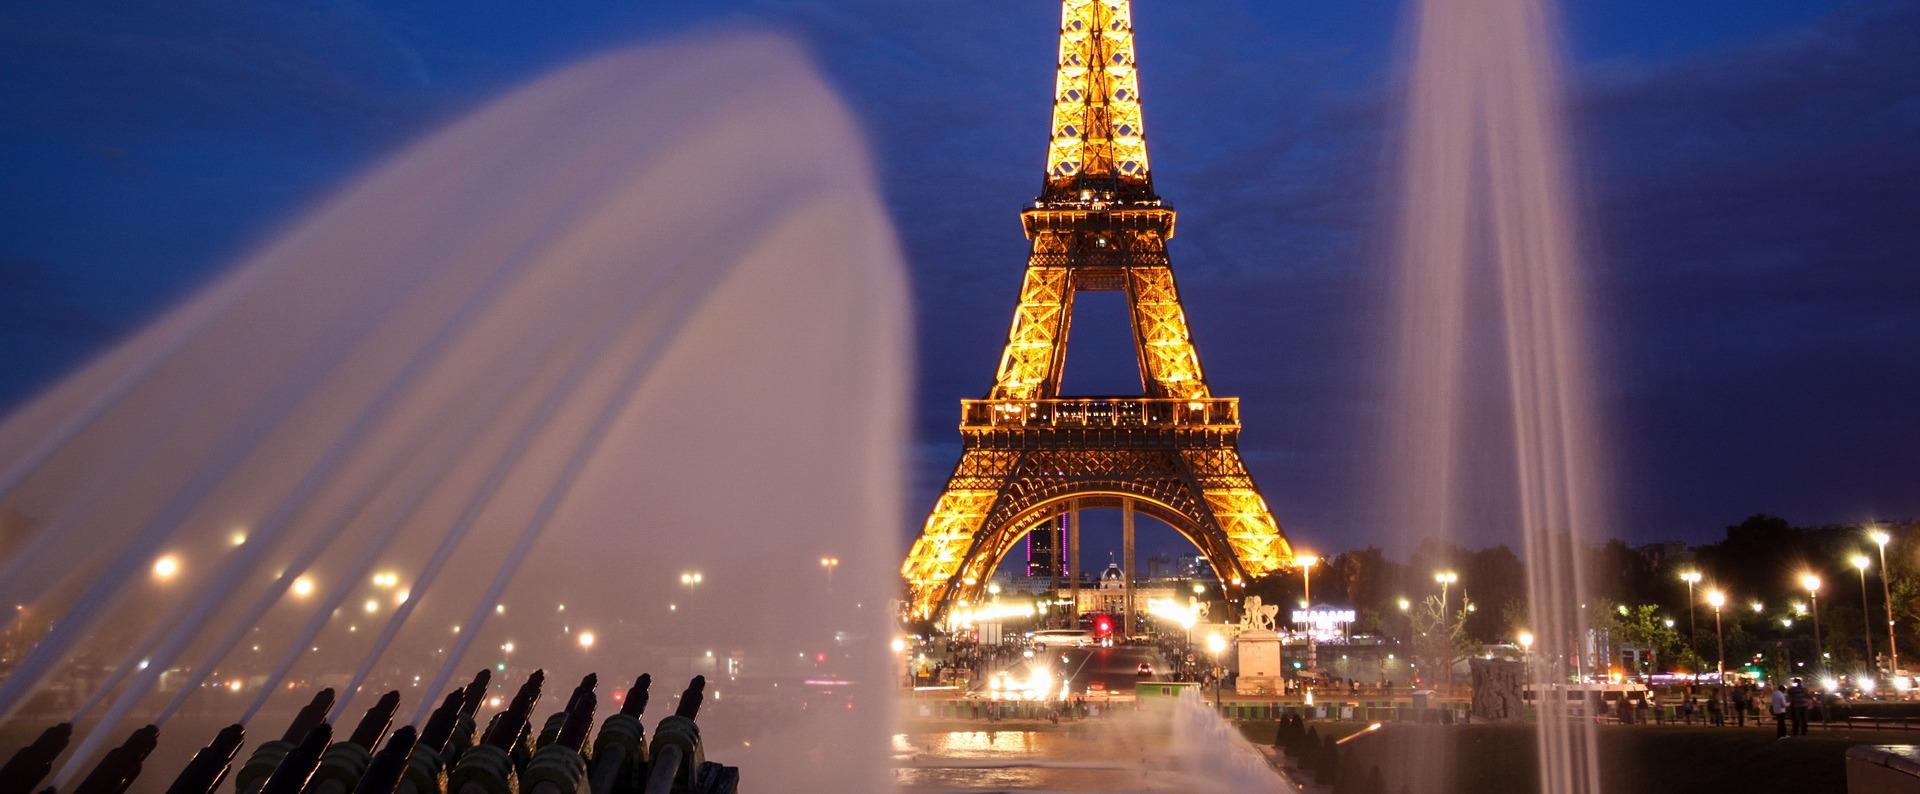 Prix de l 39 immobilier paris arrondissement par for Acheter maison paris 16